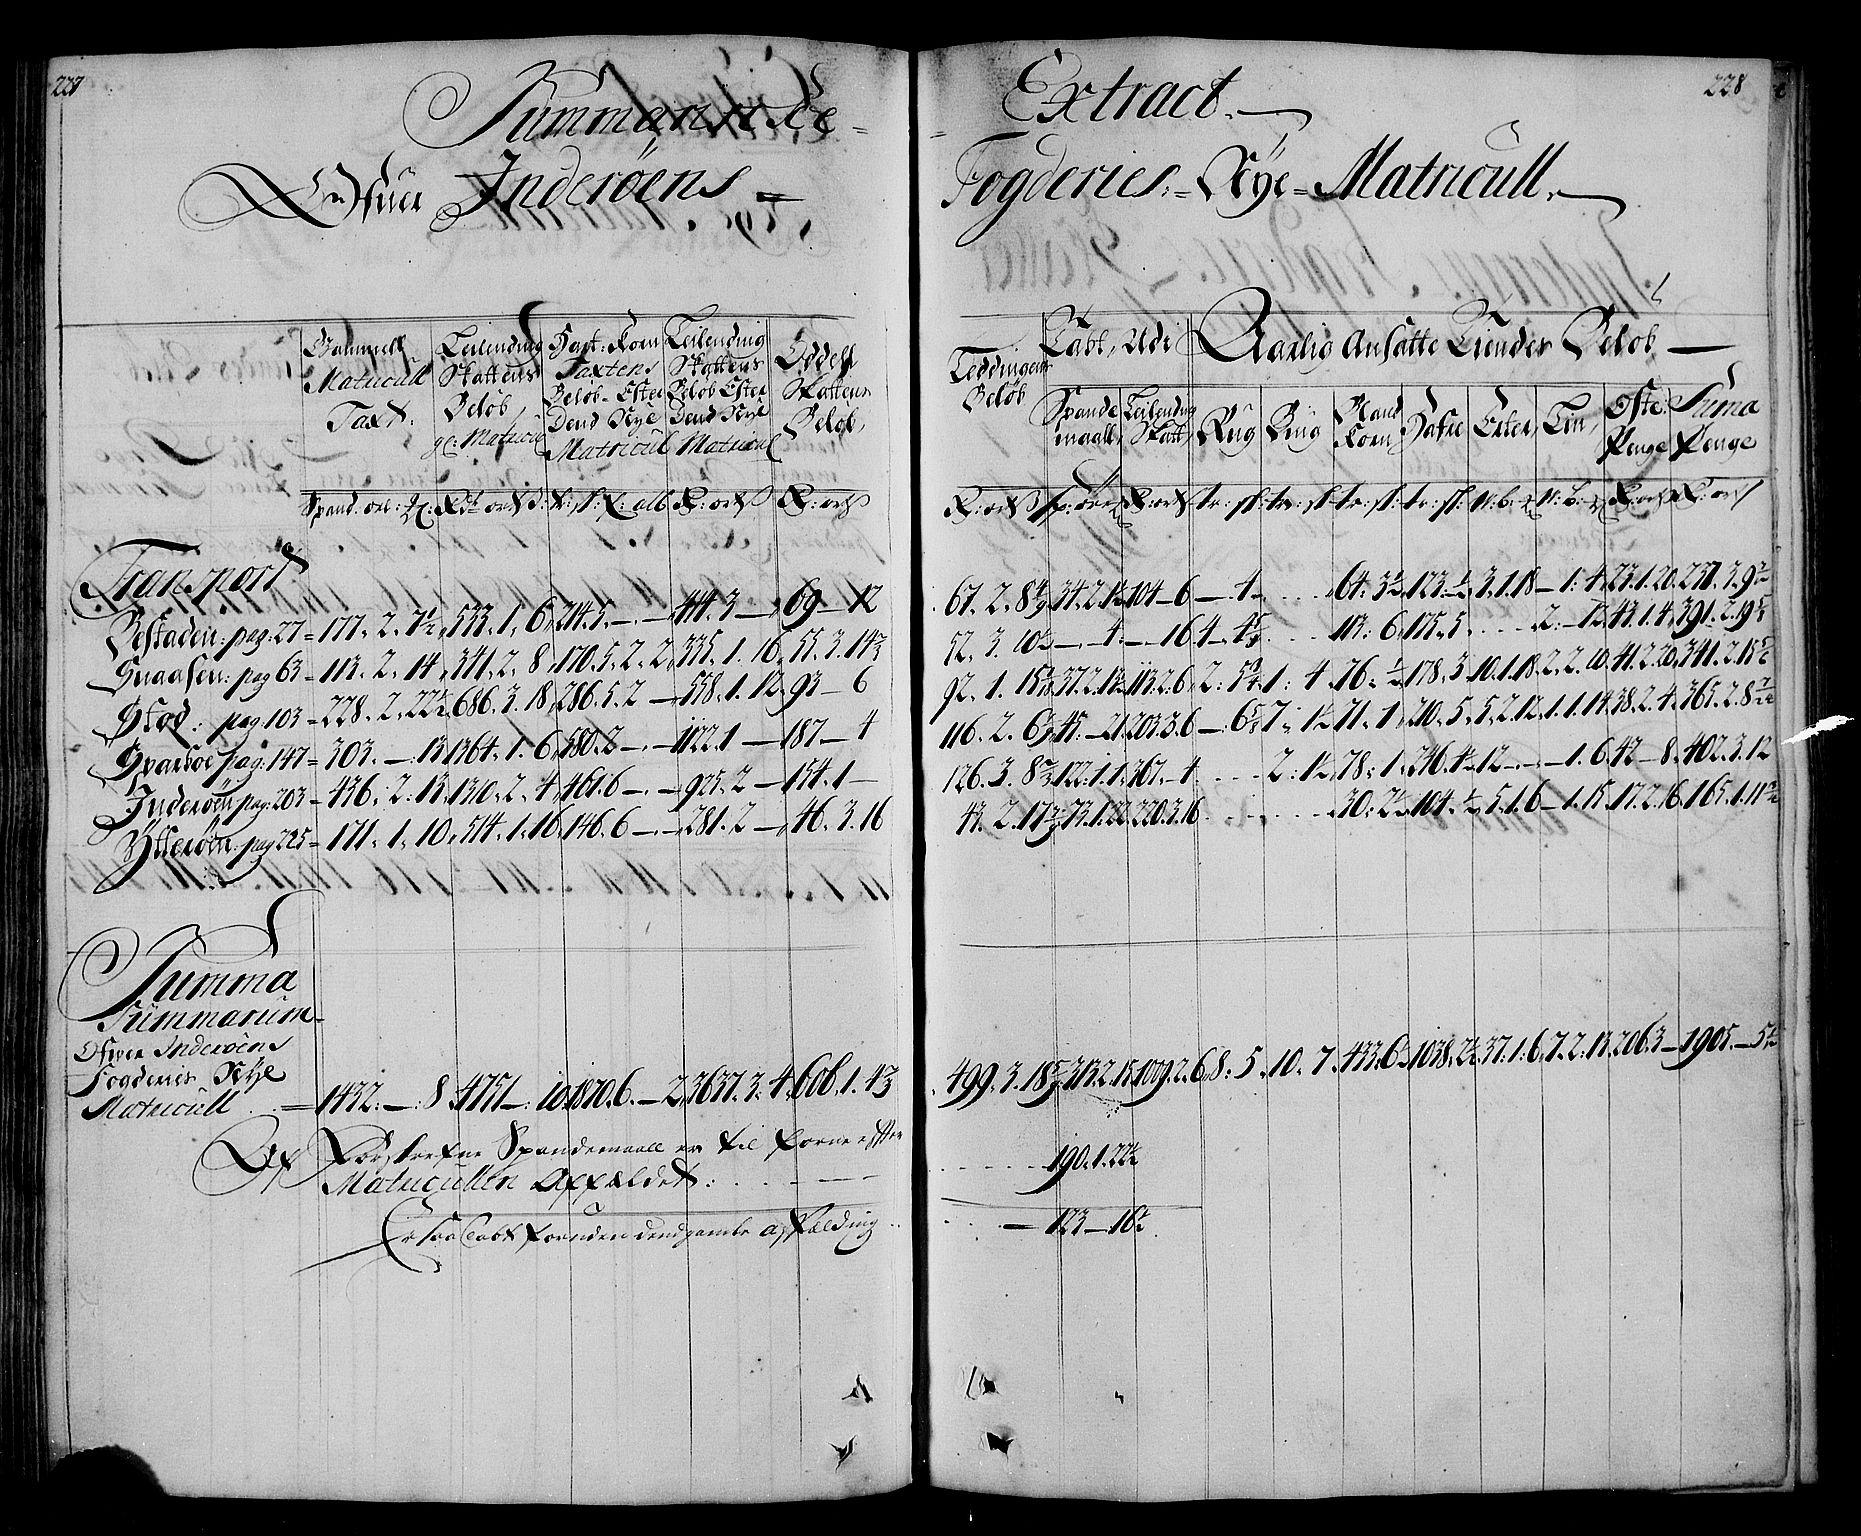 RA, Rentekammeret inntil 1814, Realistisk ordnet avdeling, N/Nb/Nbf/L0167: Inderøy matrikkelprotokoll, 1723, s. 227-228